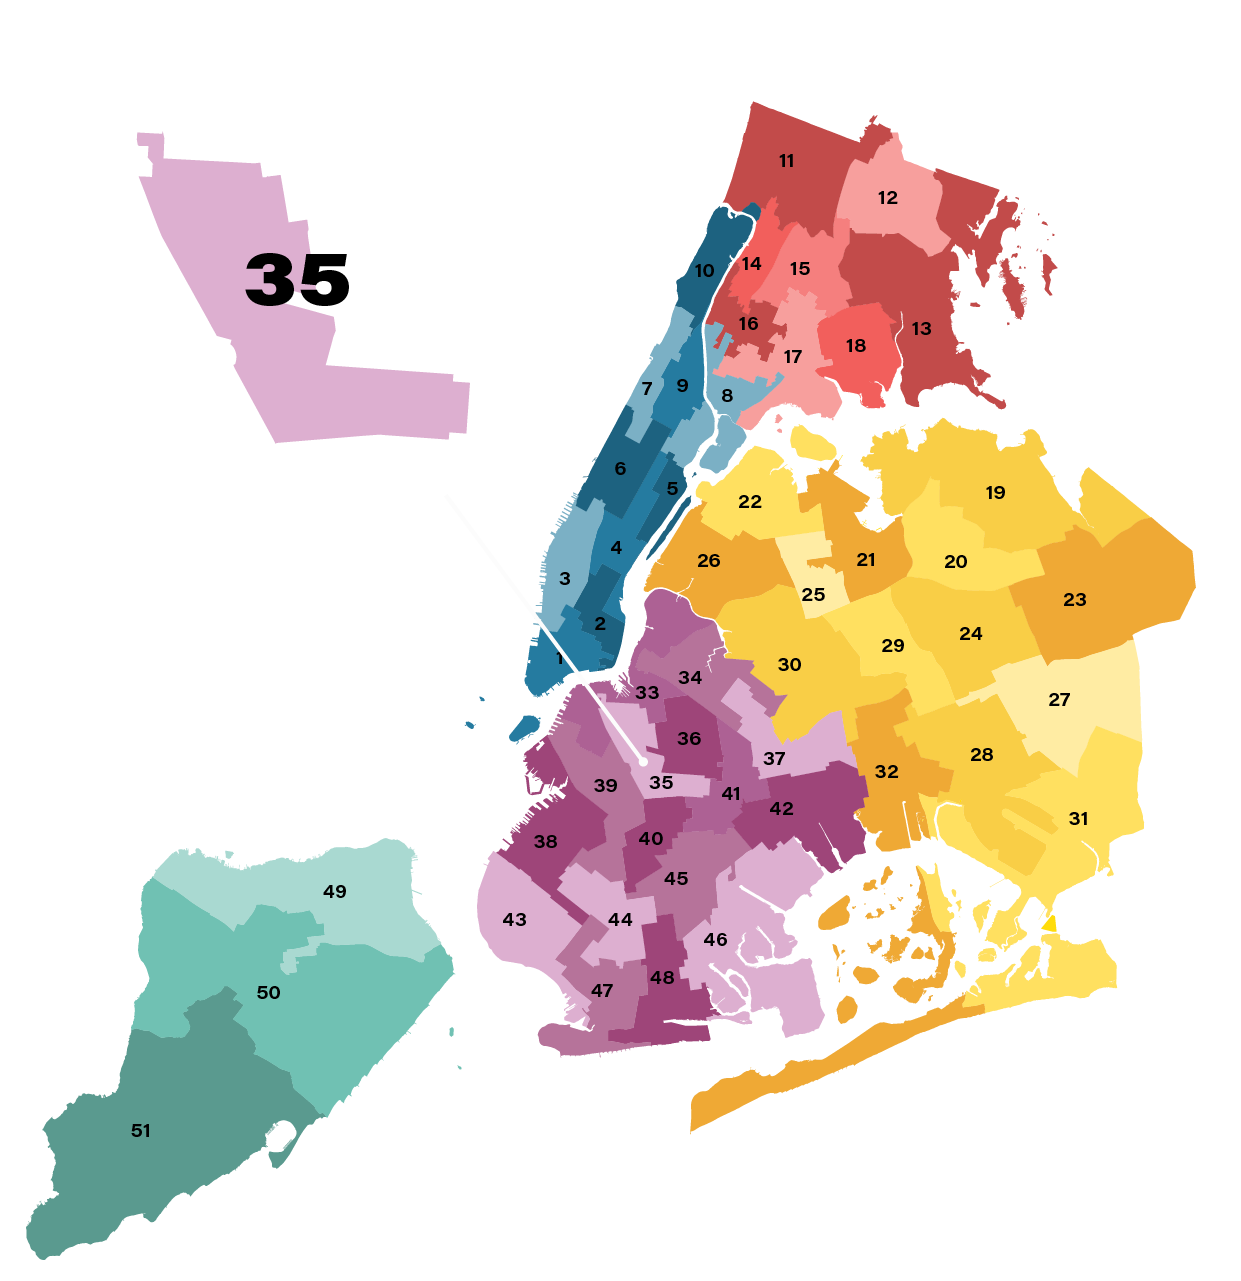 City Council District 35